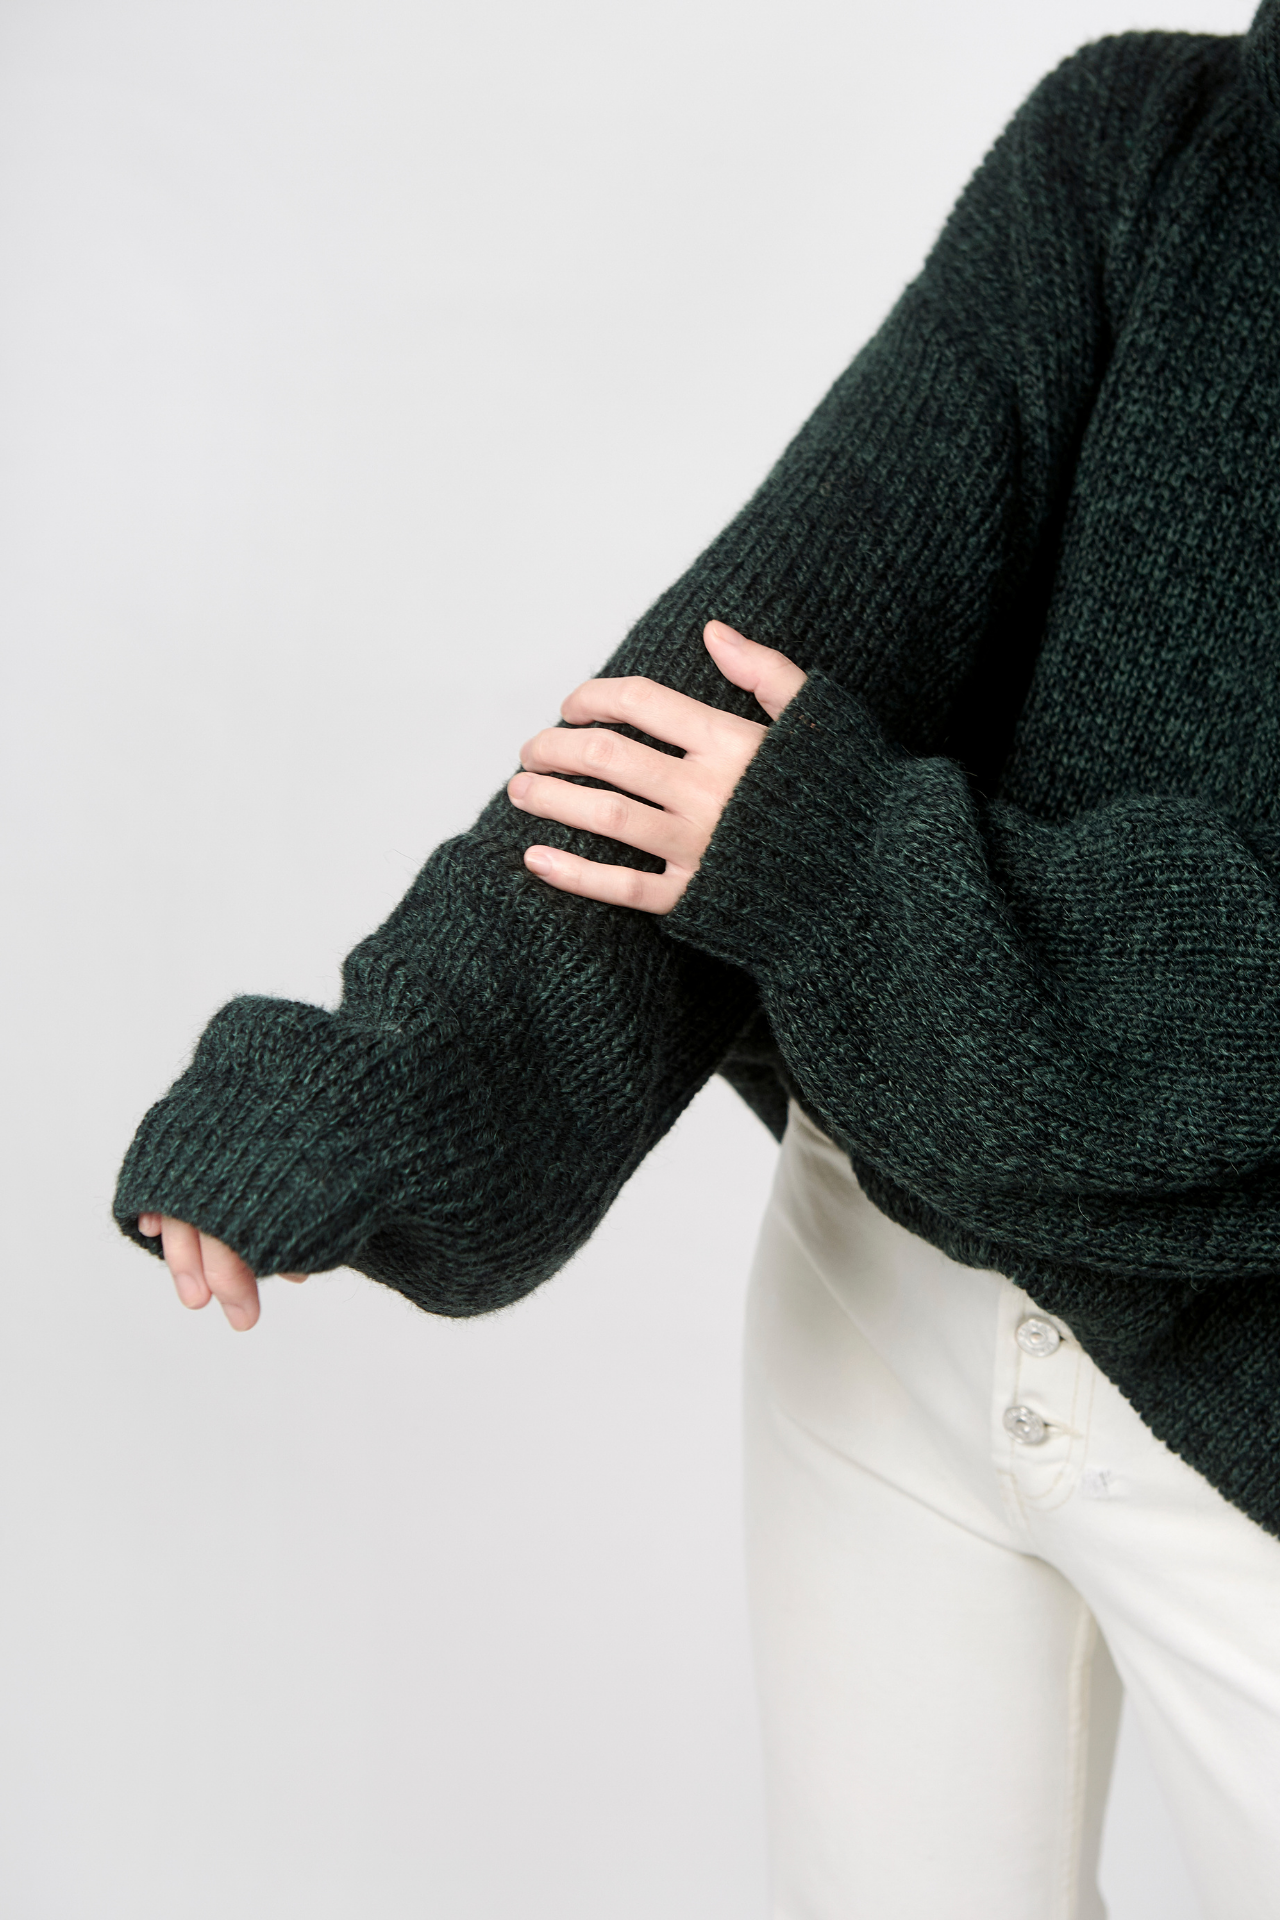 sweater de textura gruesa, muy abrigador y cómodo cuello alto, hombros caidos, silueta y mangas oversized pretina a la altura de la cadera material: 50% alpaca, 45%acrililo y 5% lana  Busto: 60 cm